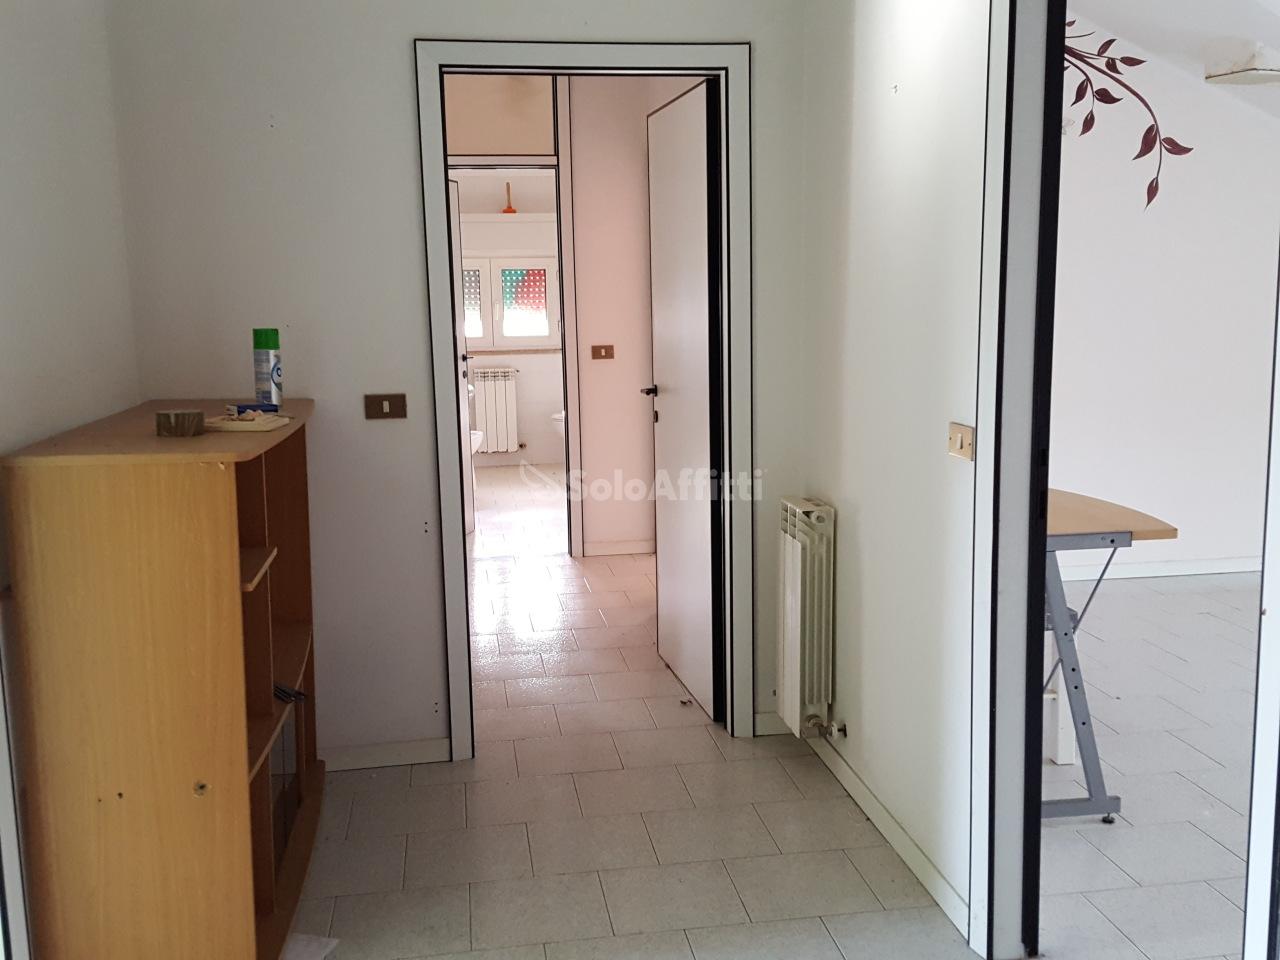 Appartamento quadrilocale in affitto a Sassofeltrio (PU)